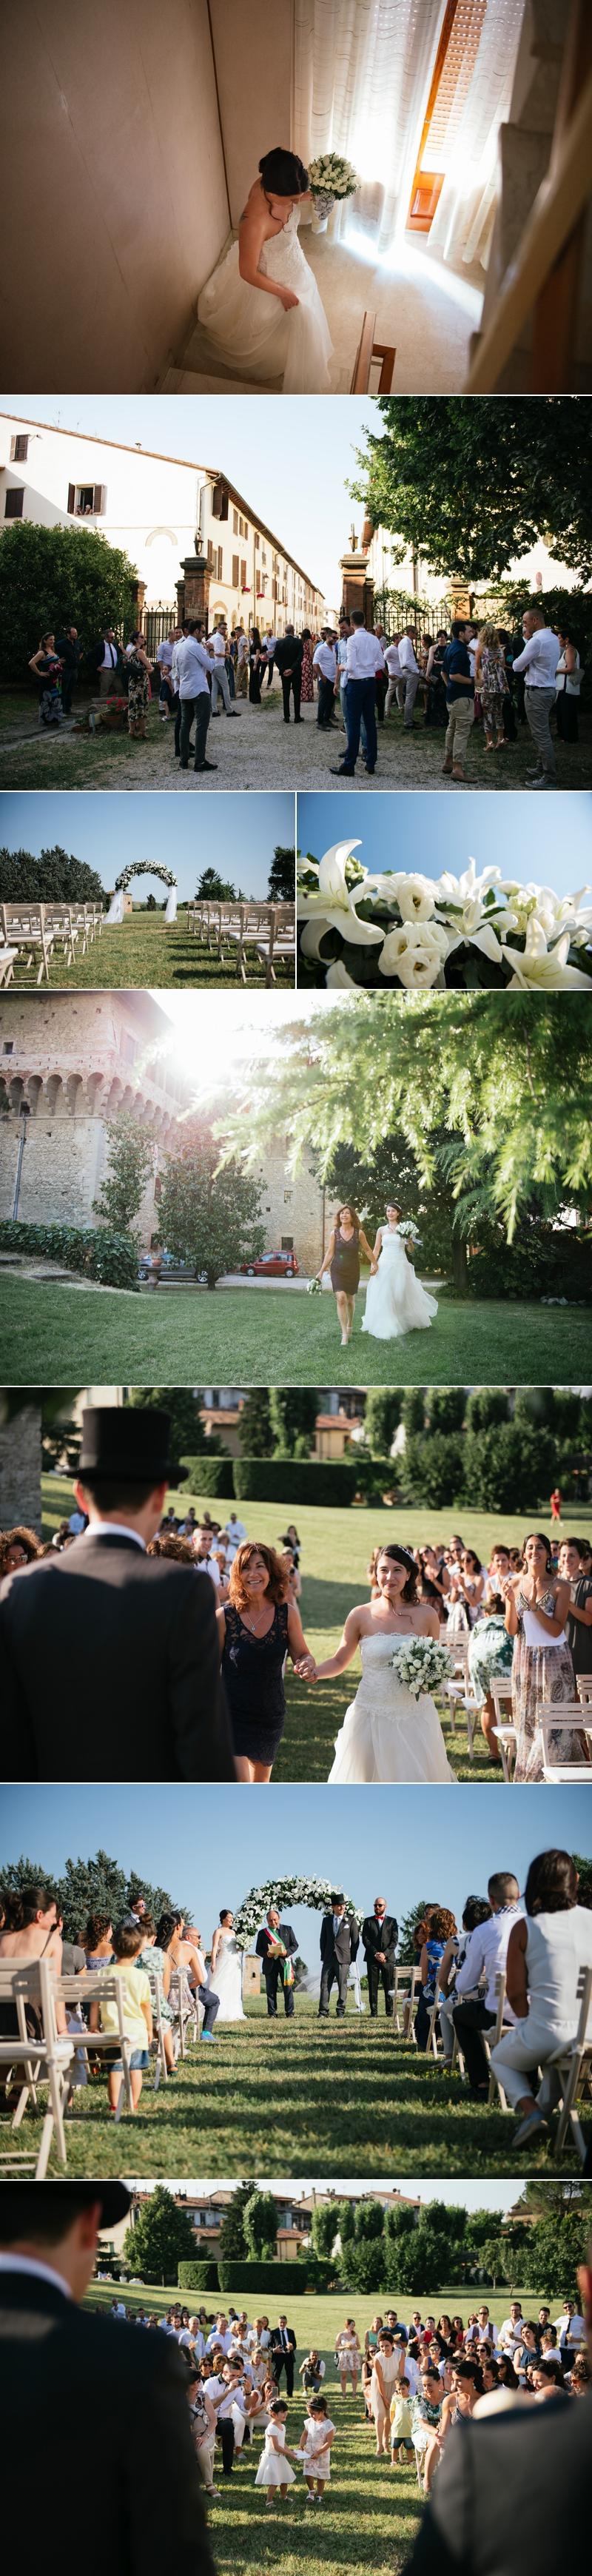 fotografo-matrimonio-castello-capitano-artiglierie-chateau-terra-del-sole-3